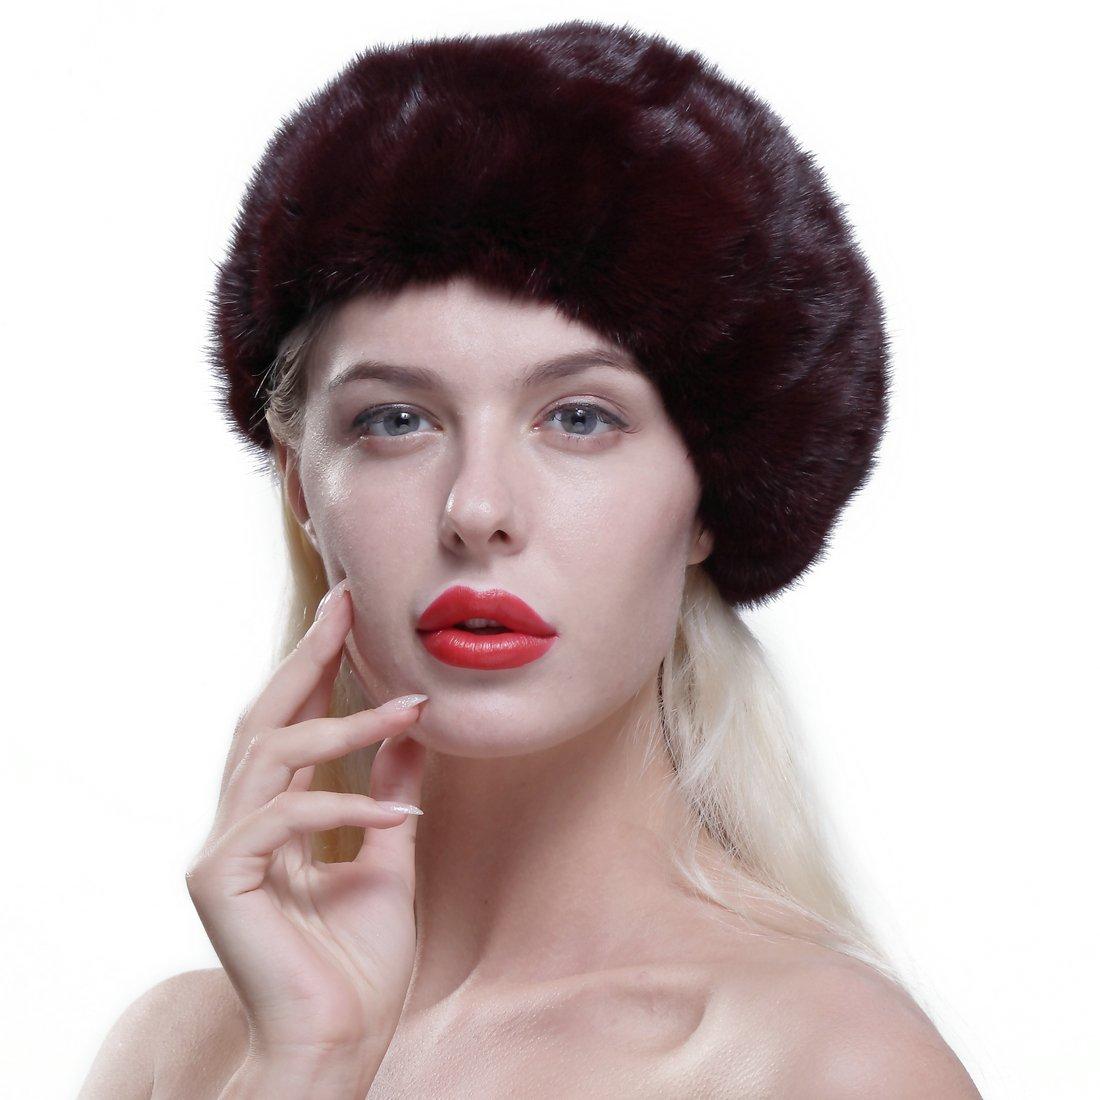 URSFUR Genuine Mink Beret Ladies Winter Fur Hat Cap Burgundy by URSFUR